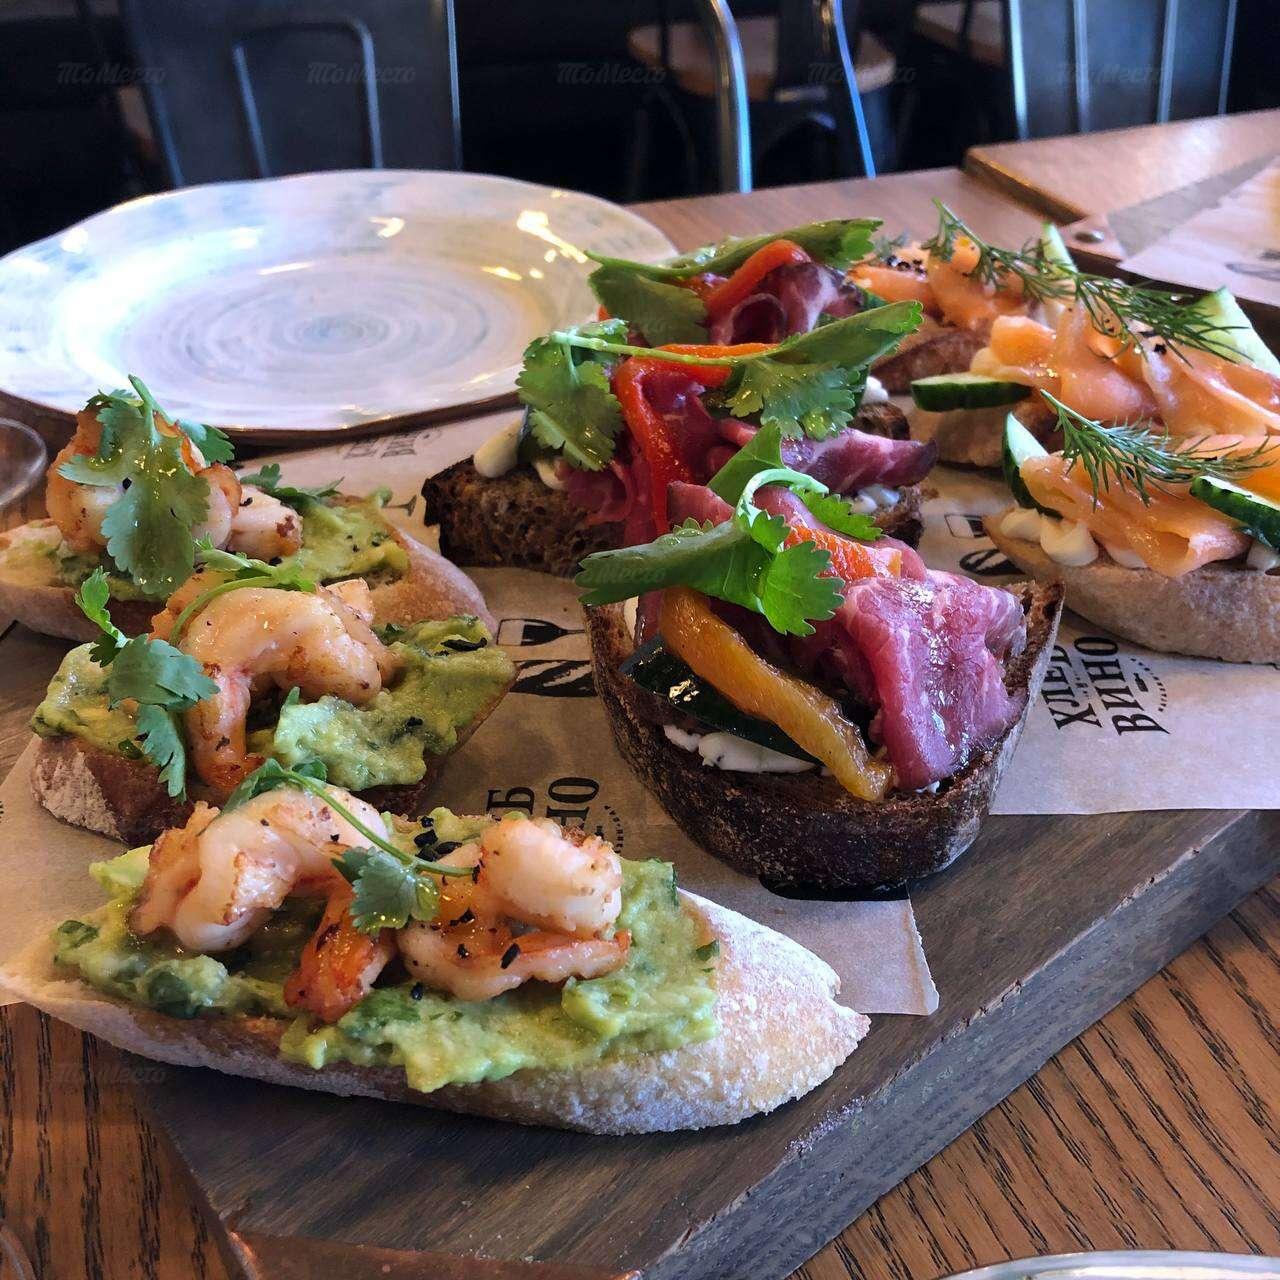 Меню ресторана Хлеб и вино в Большом Патриаршем переулке фото 21